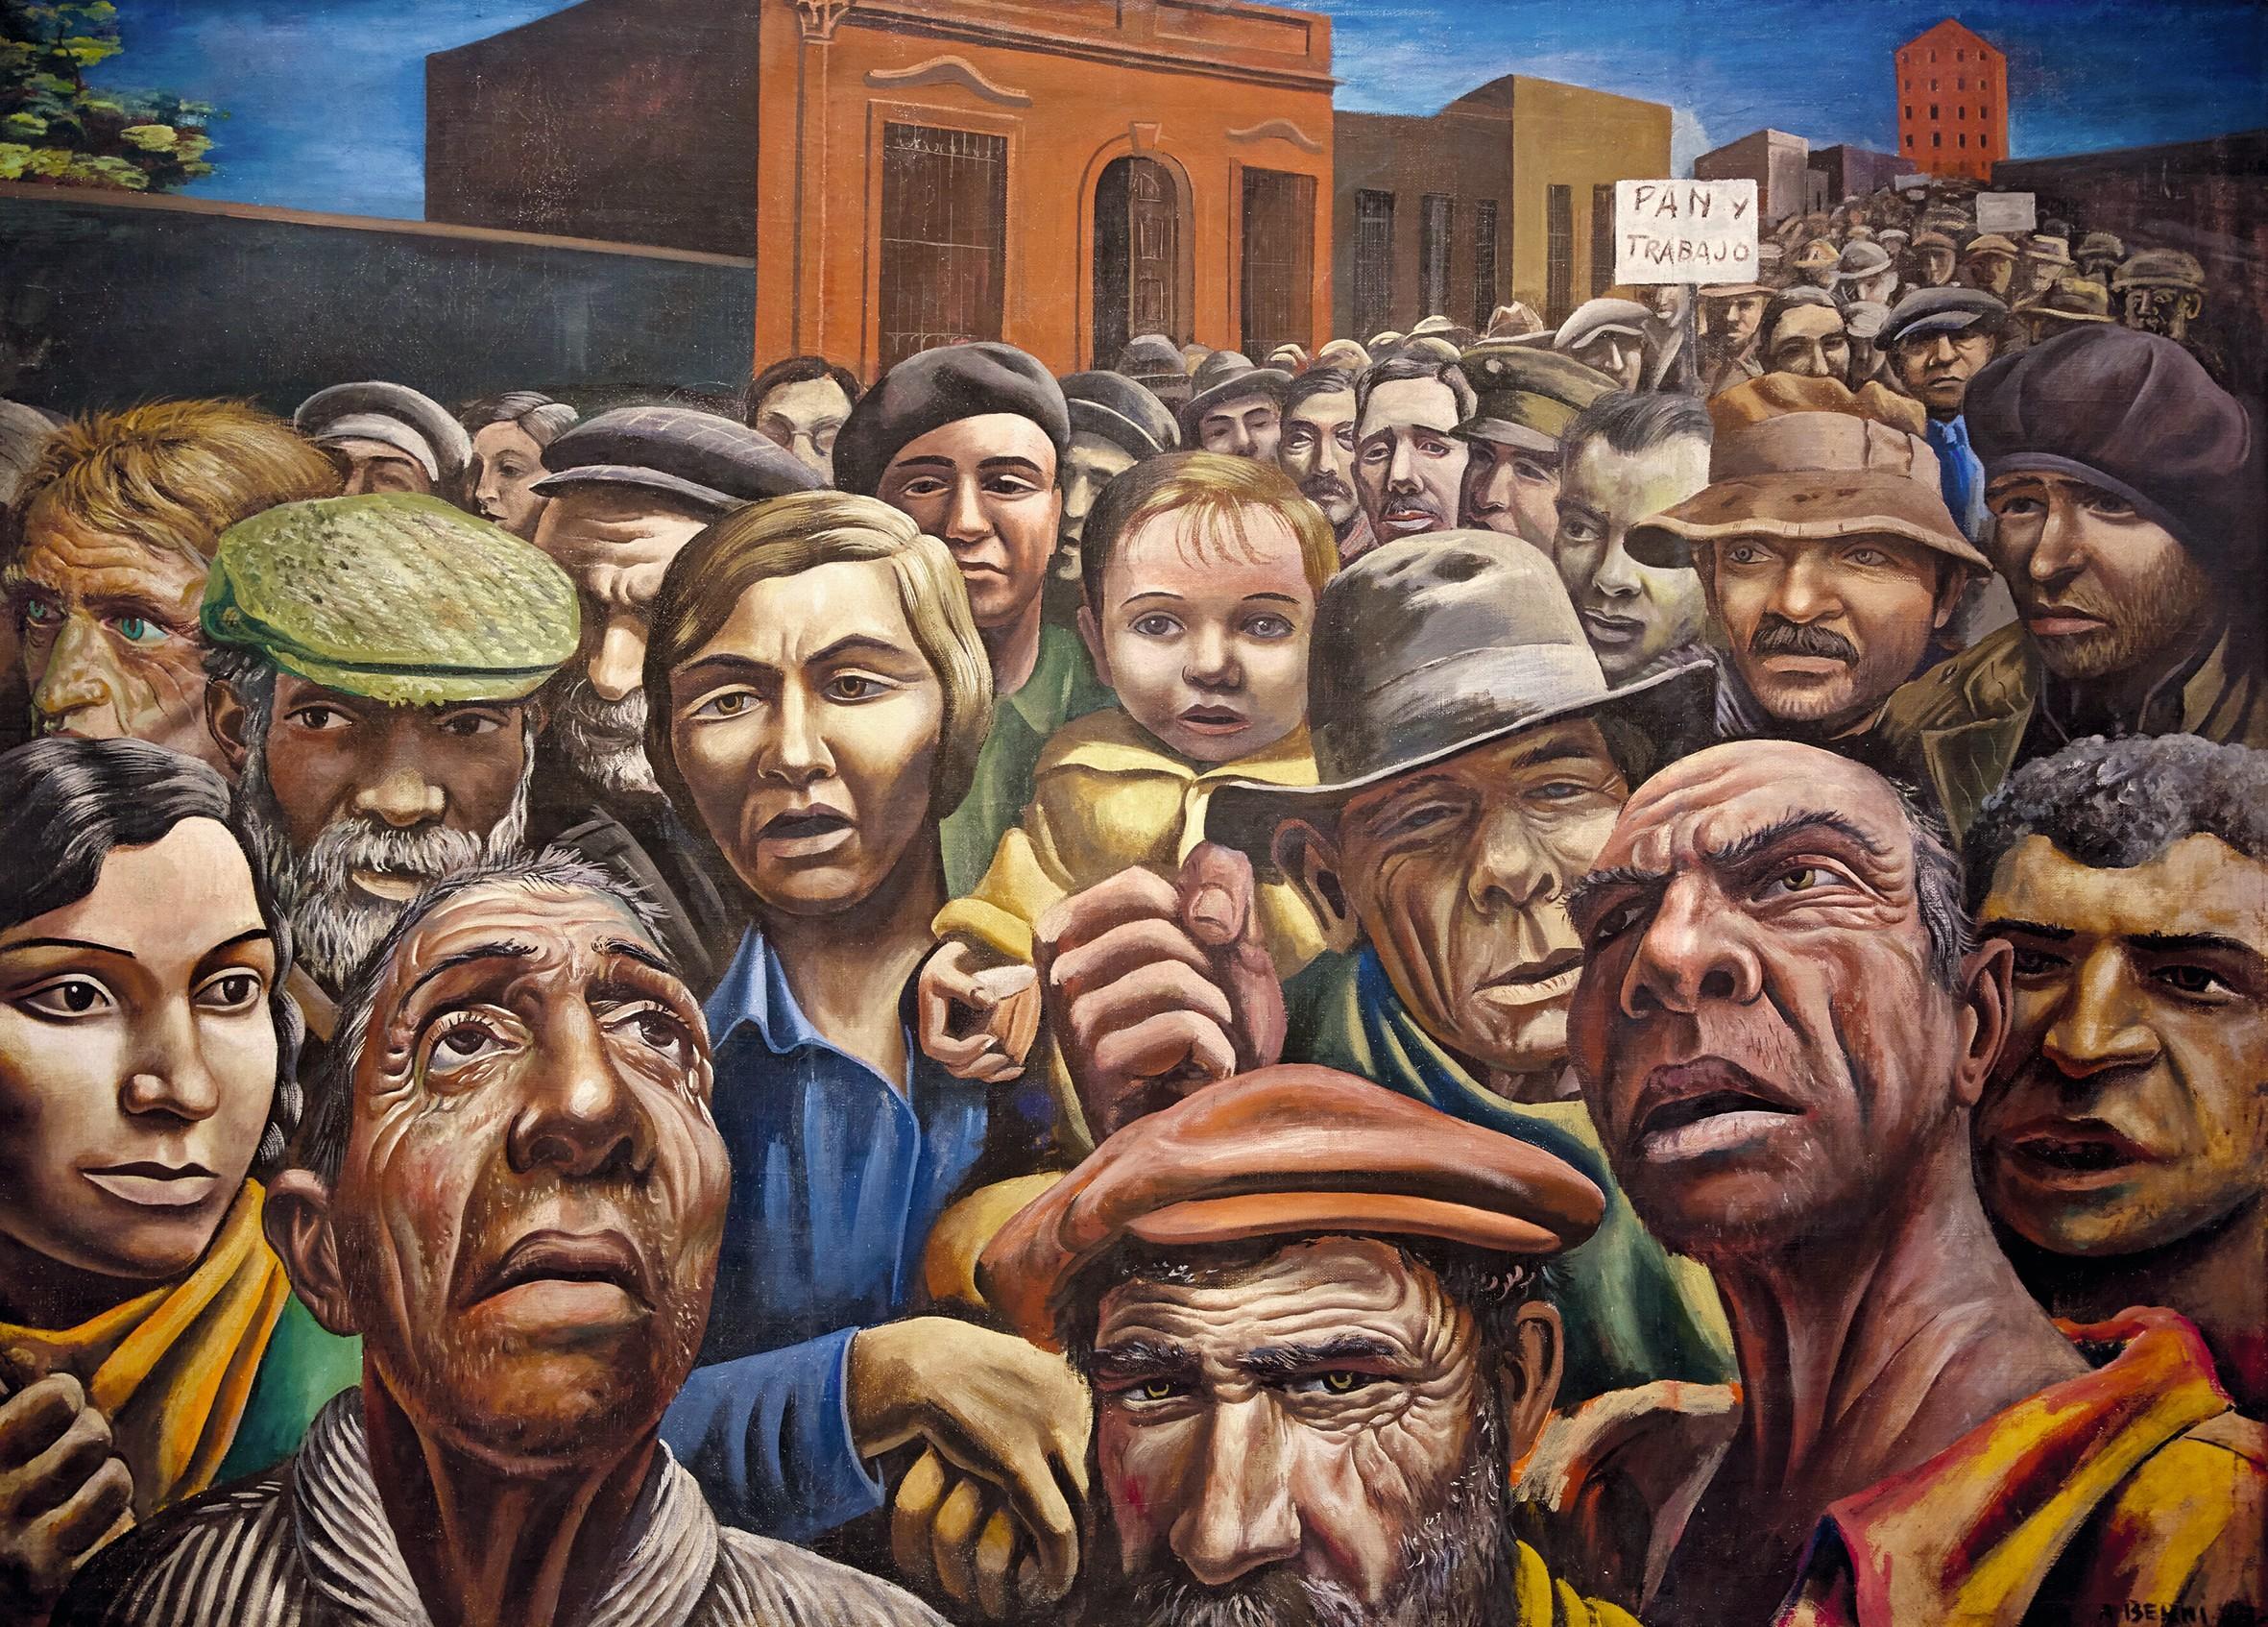 Antonio Berni, Manifestación, 1934, détrempe sur toile, 128 × 247,5 cm, Museo de Arte Latinoamericano, Buenos Aires.